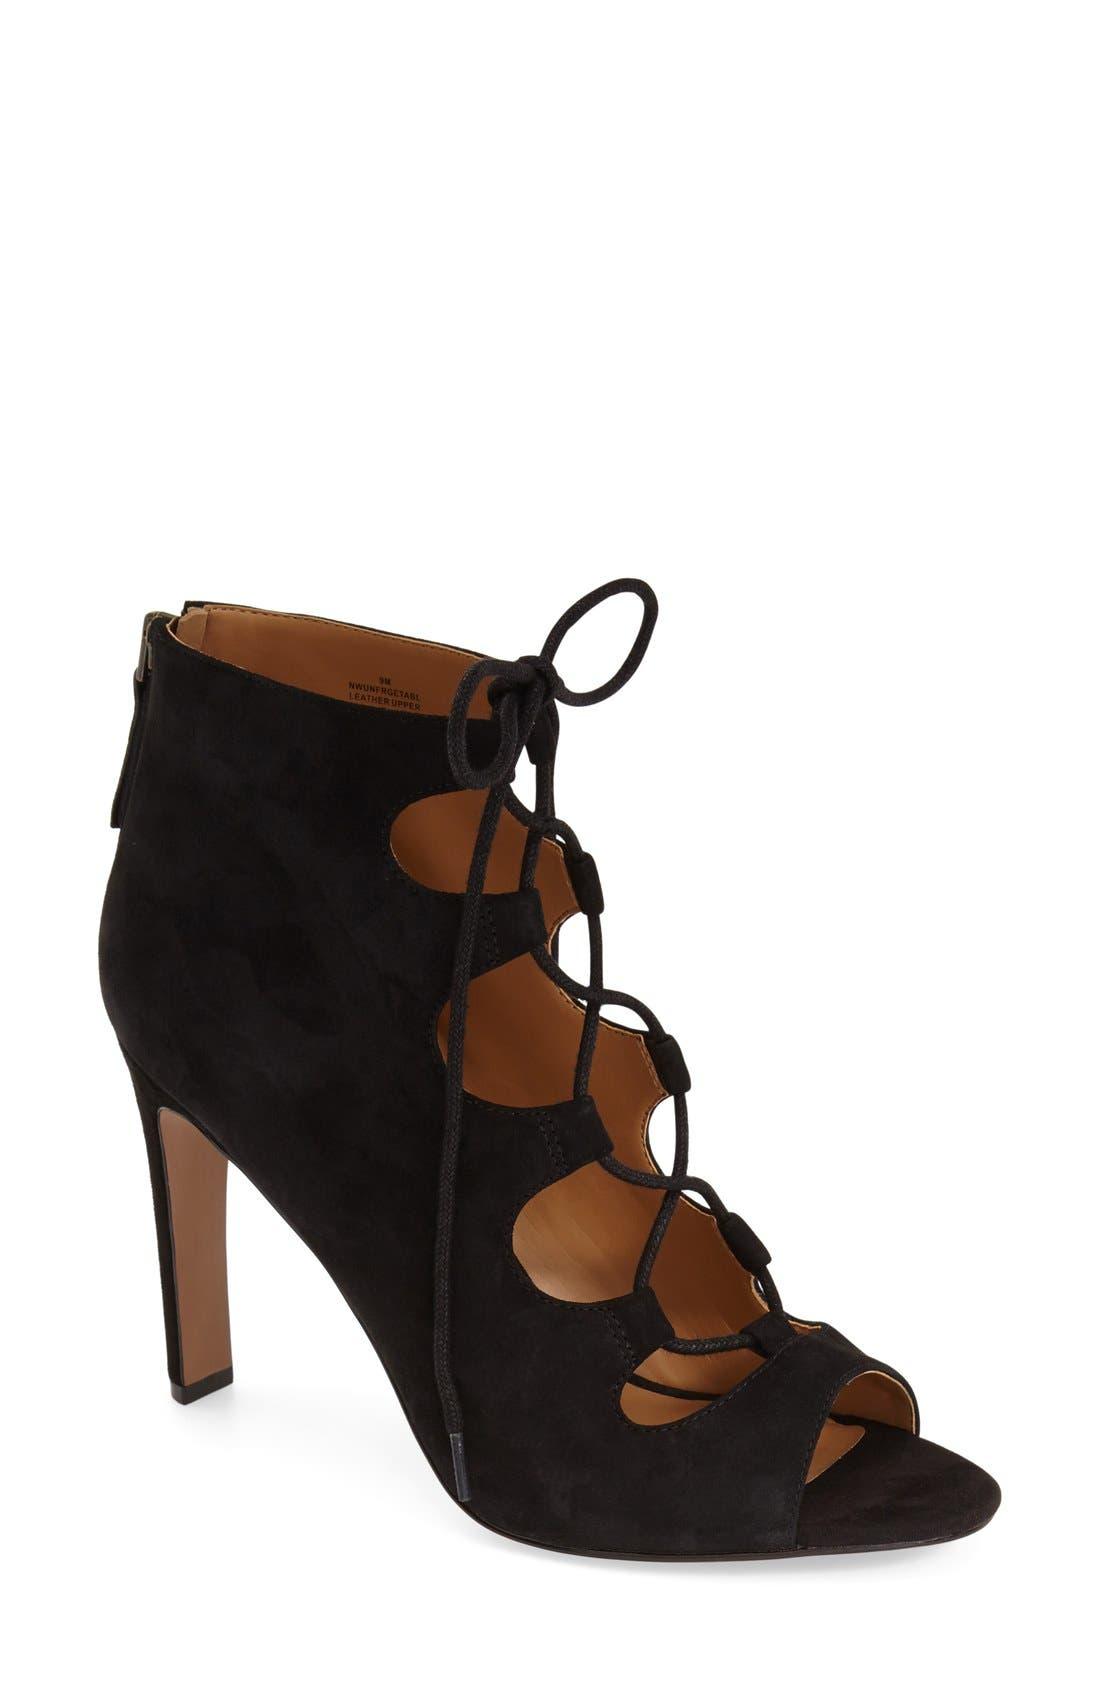 Women's Nine West Shoes Sale